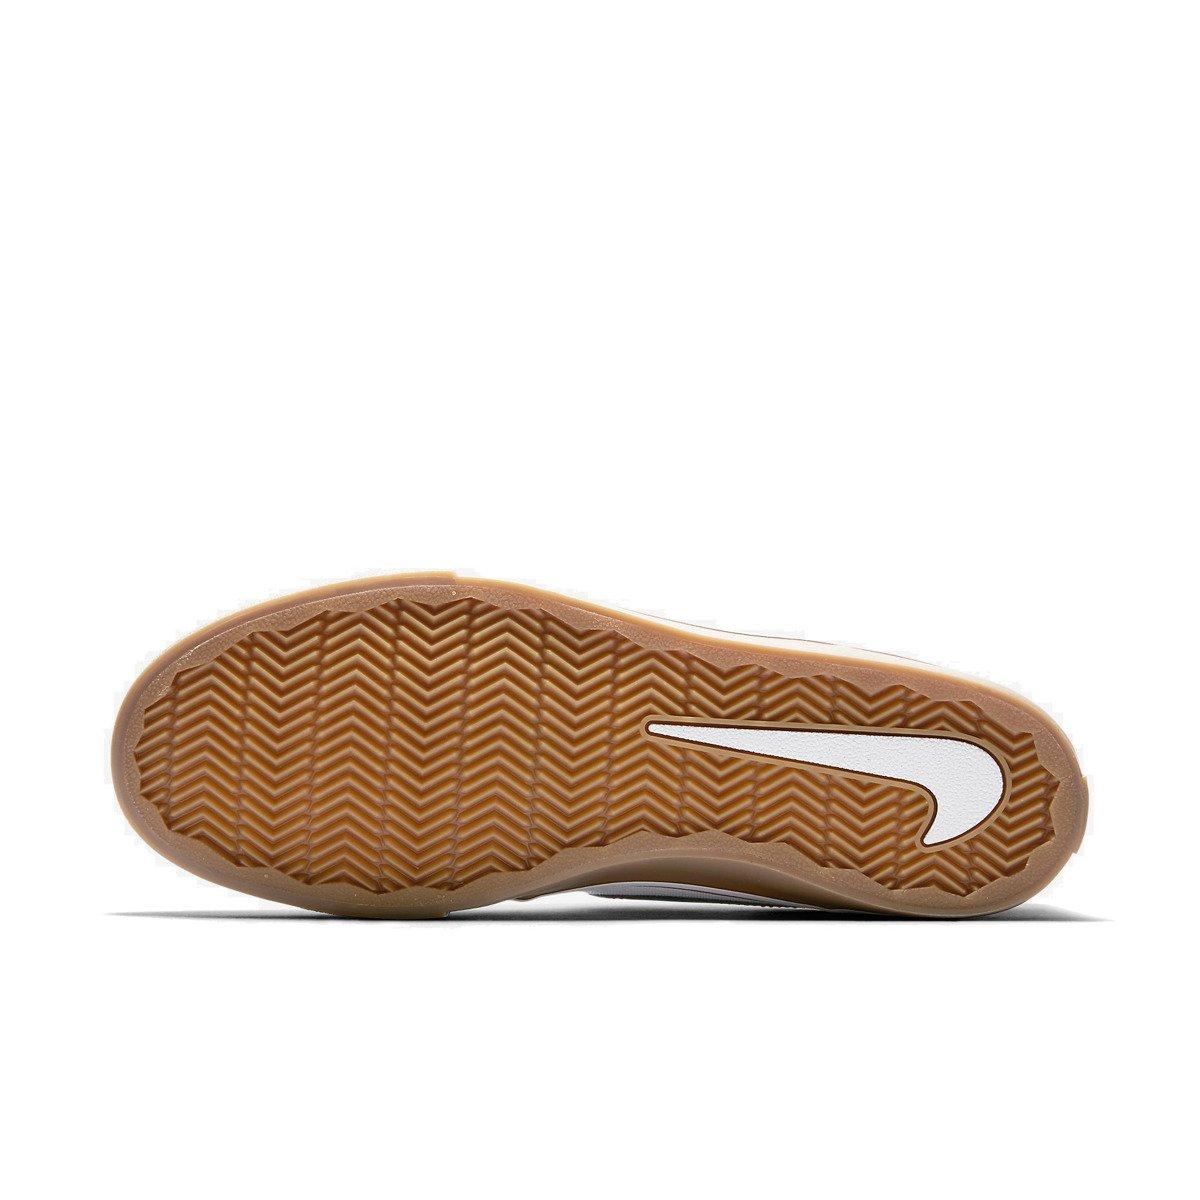 ca205c594e1a1 ... Nike Sb Check Light Gum: Miniramp Skateshop Buty Nike Sb Check Solarsoft  Port More